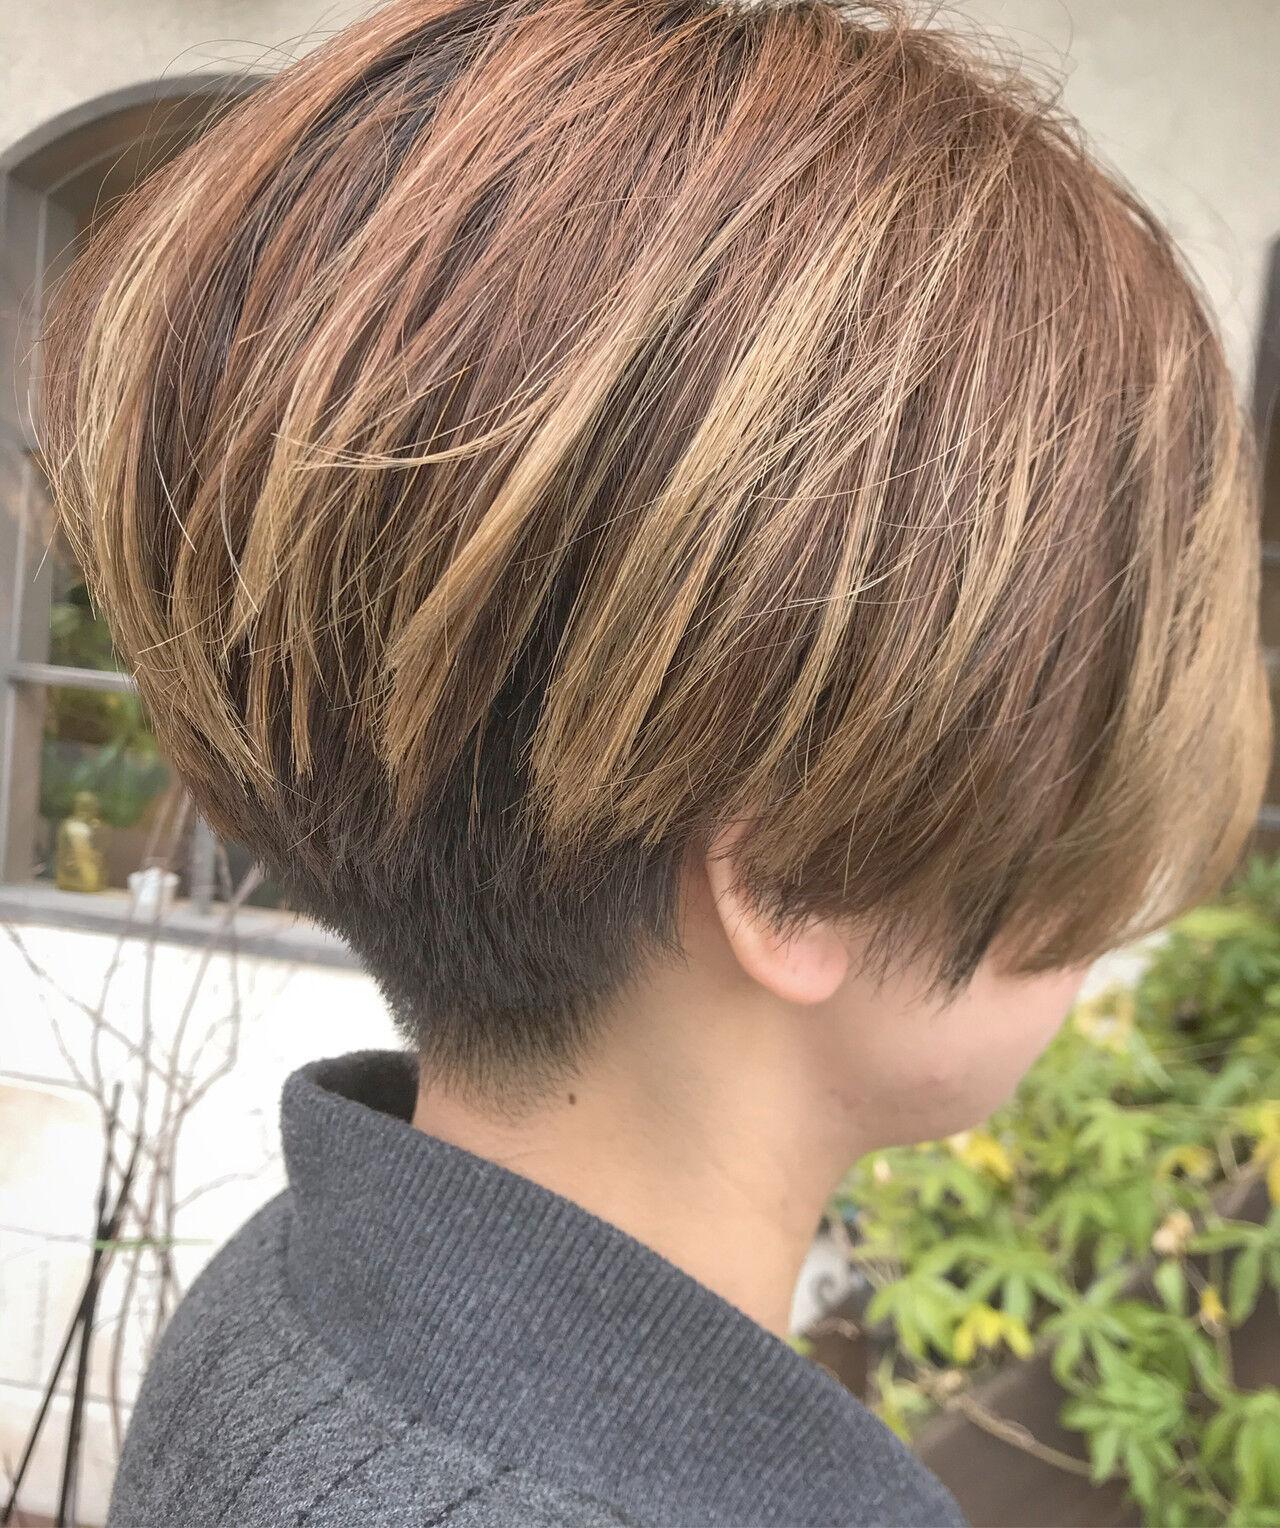 モード ショートマッシュ 刈り上げ女子 ショートヘアスタイルや髪型の写真・画像